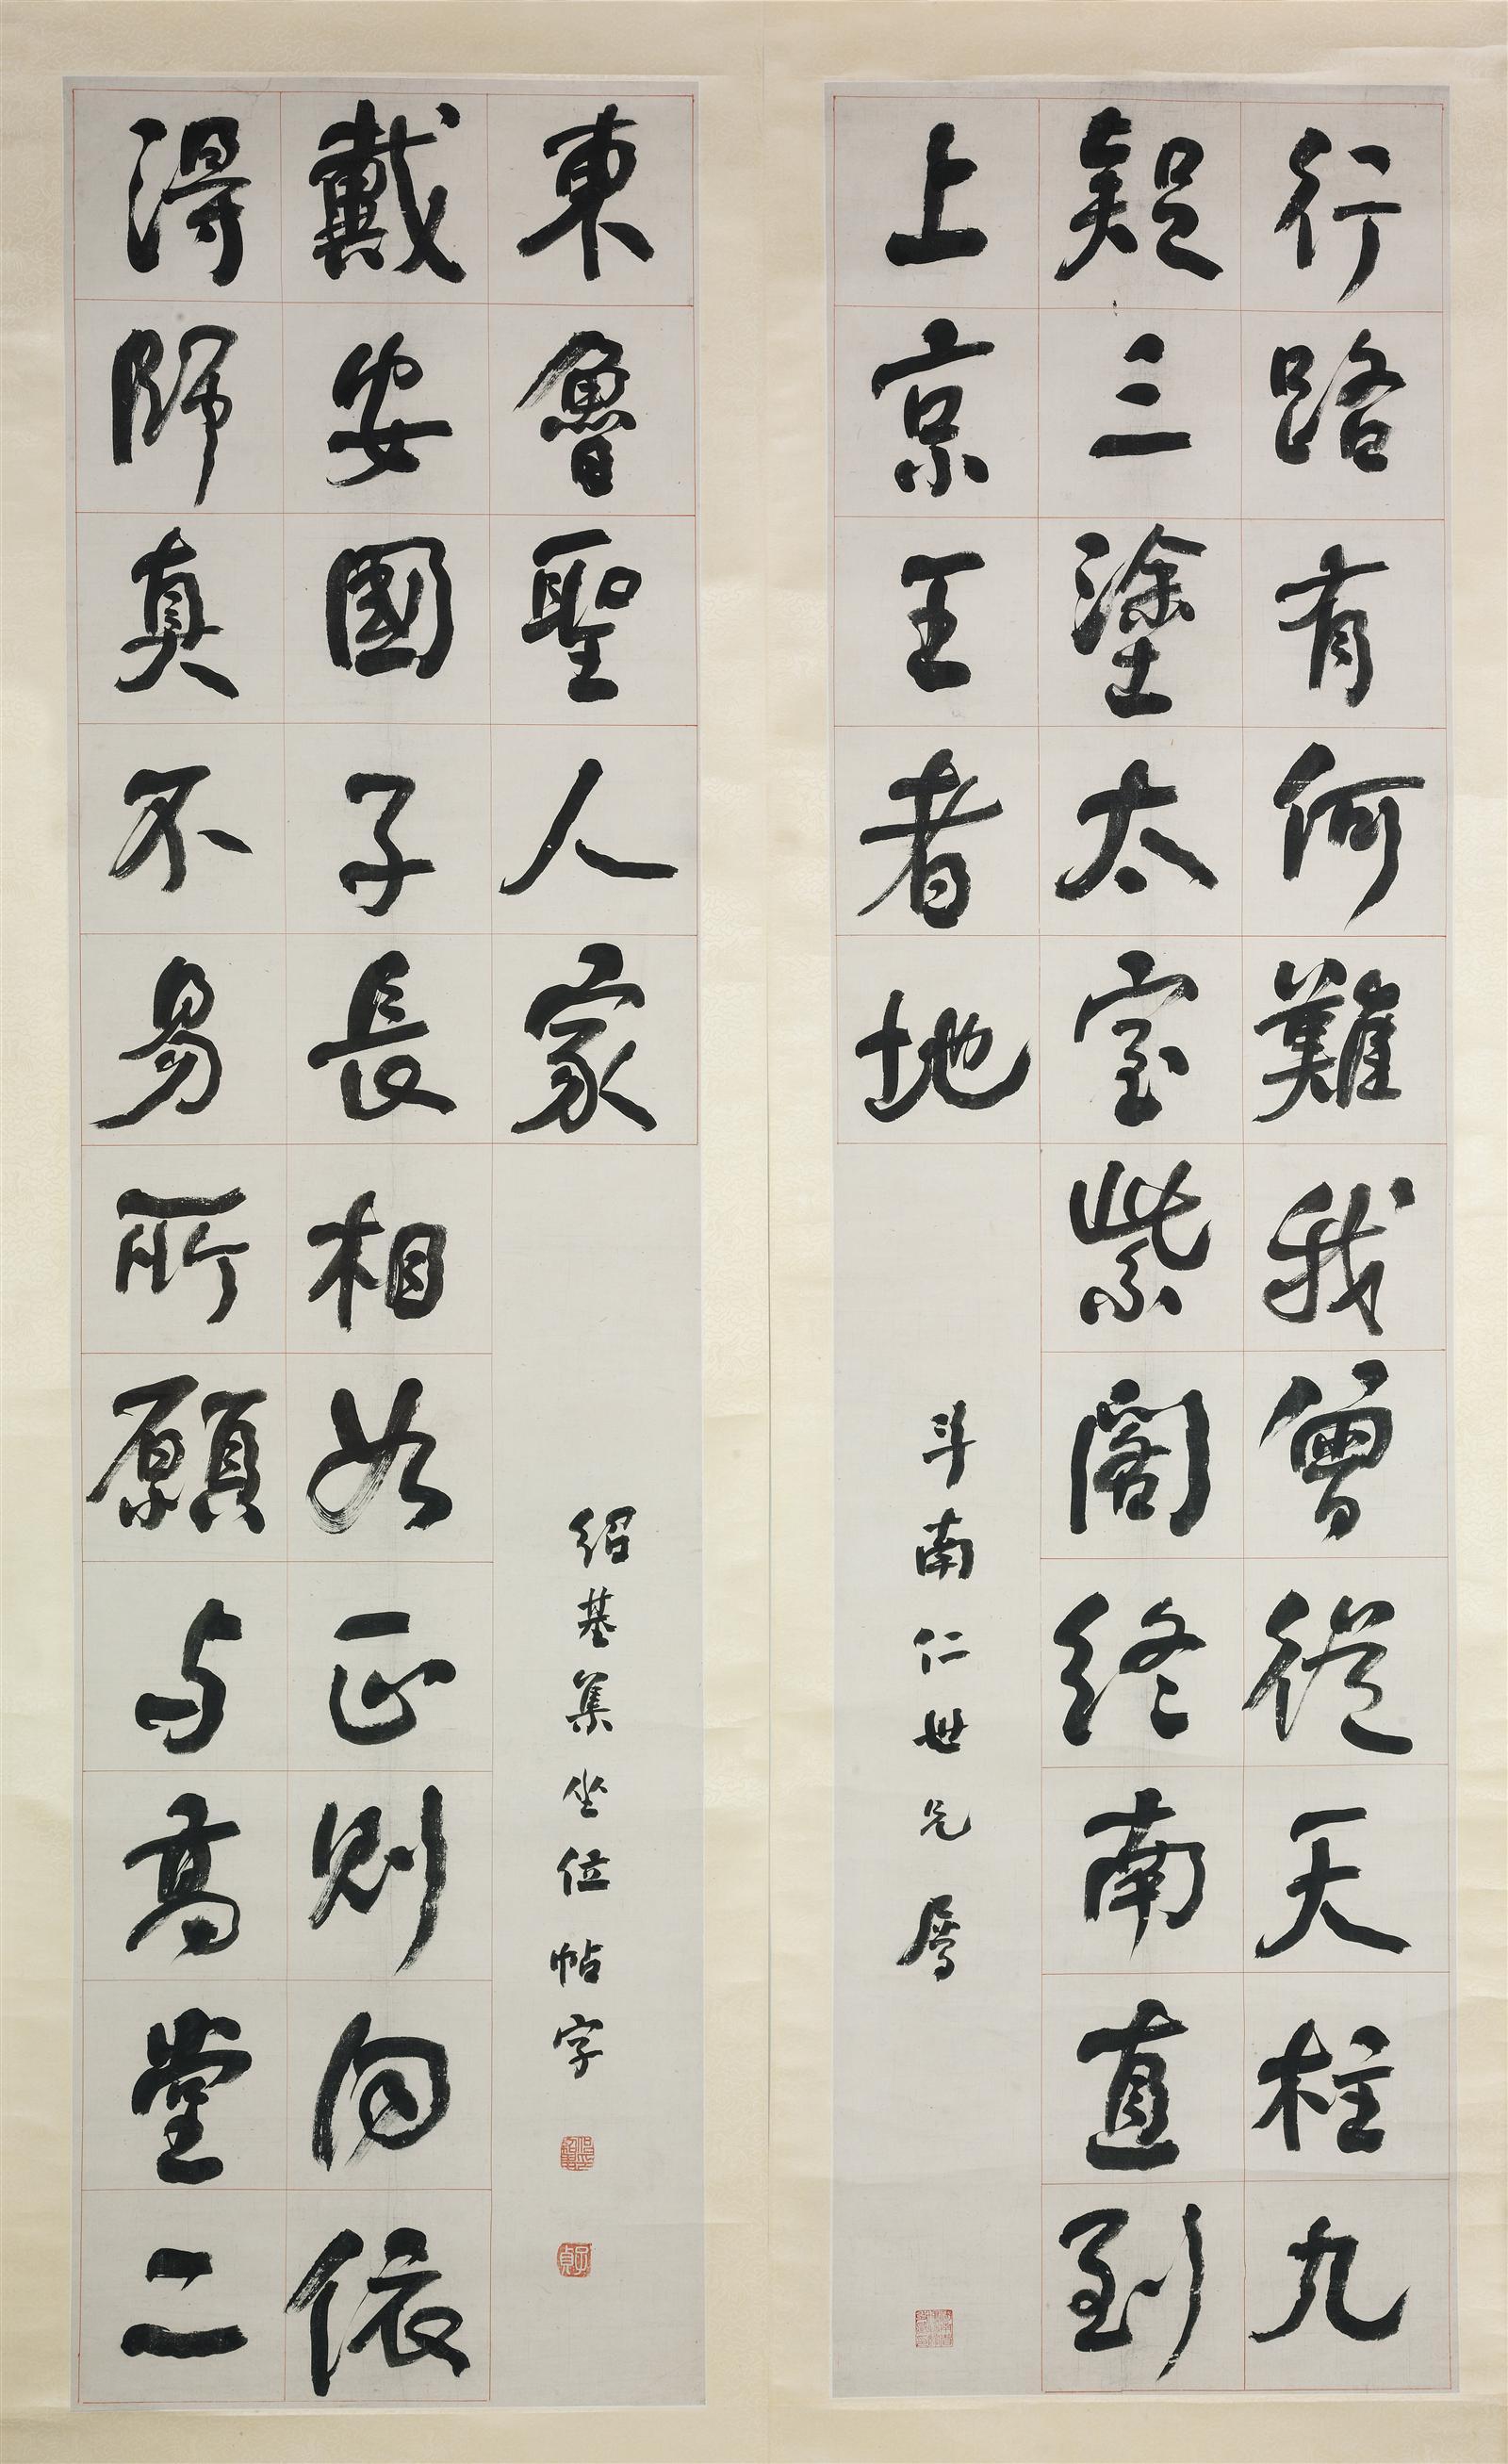 何绍基《行书集争座位帖字长联》 湖南省博物馆藏